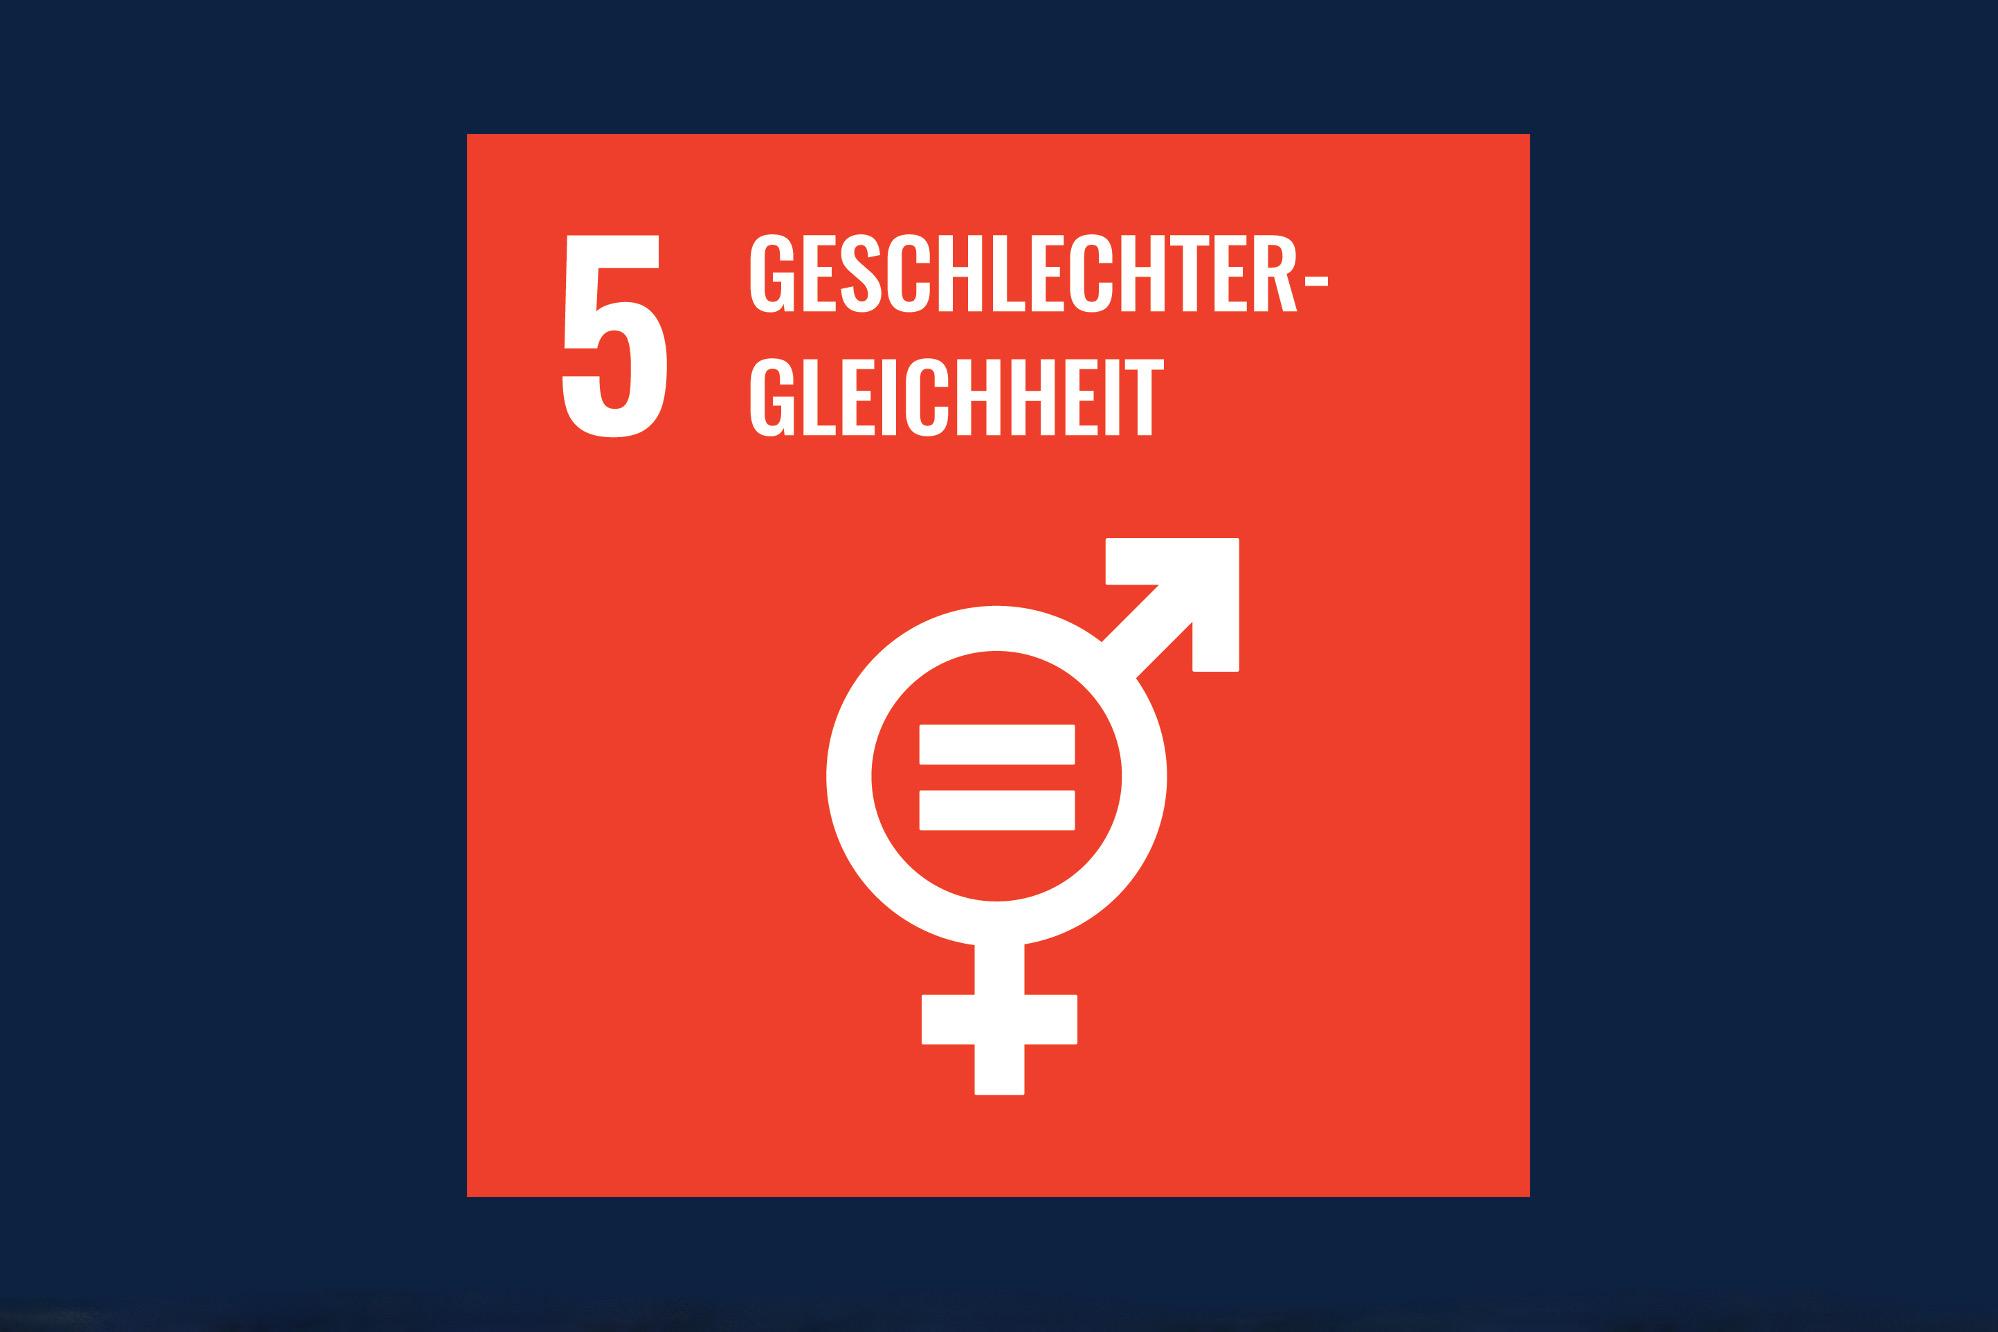 Icon für das Ziel 5 - Geschlechtergleichheit